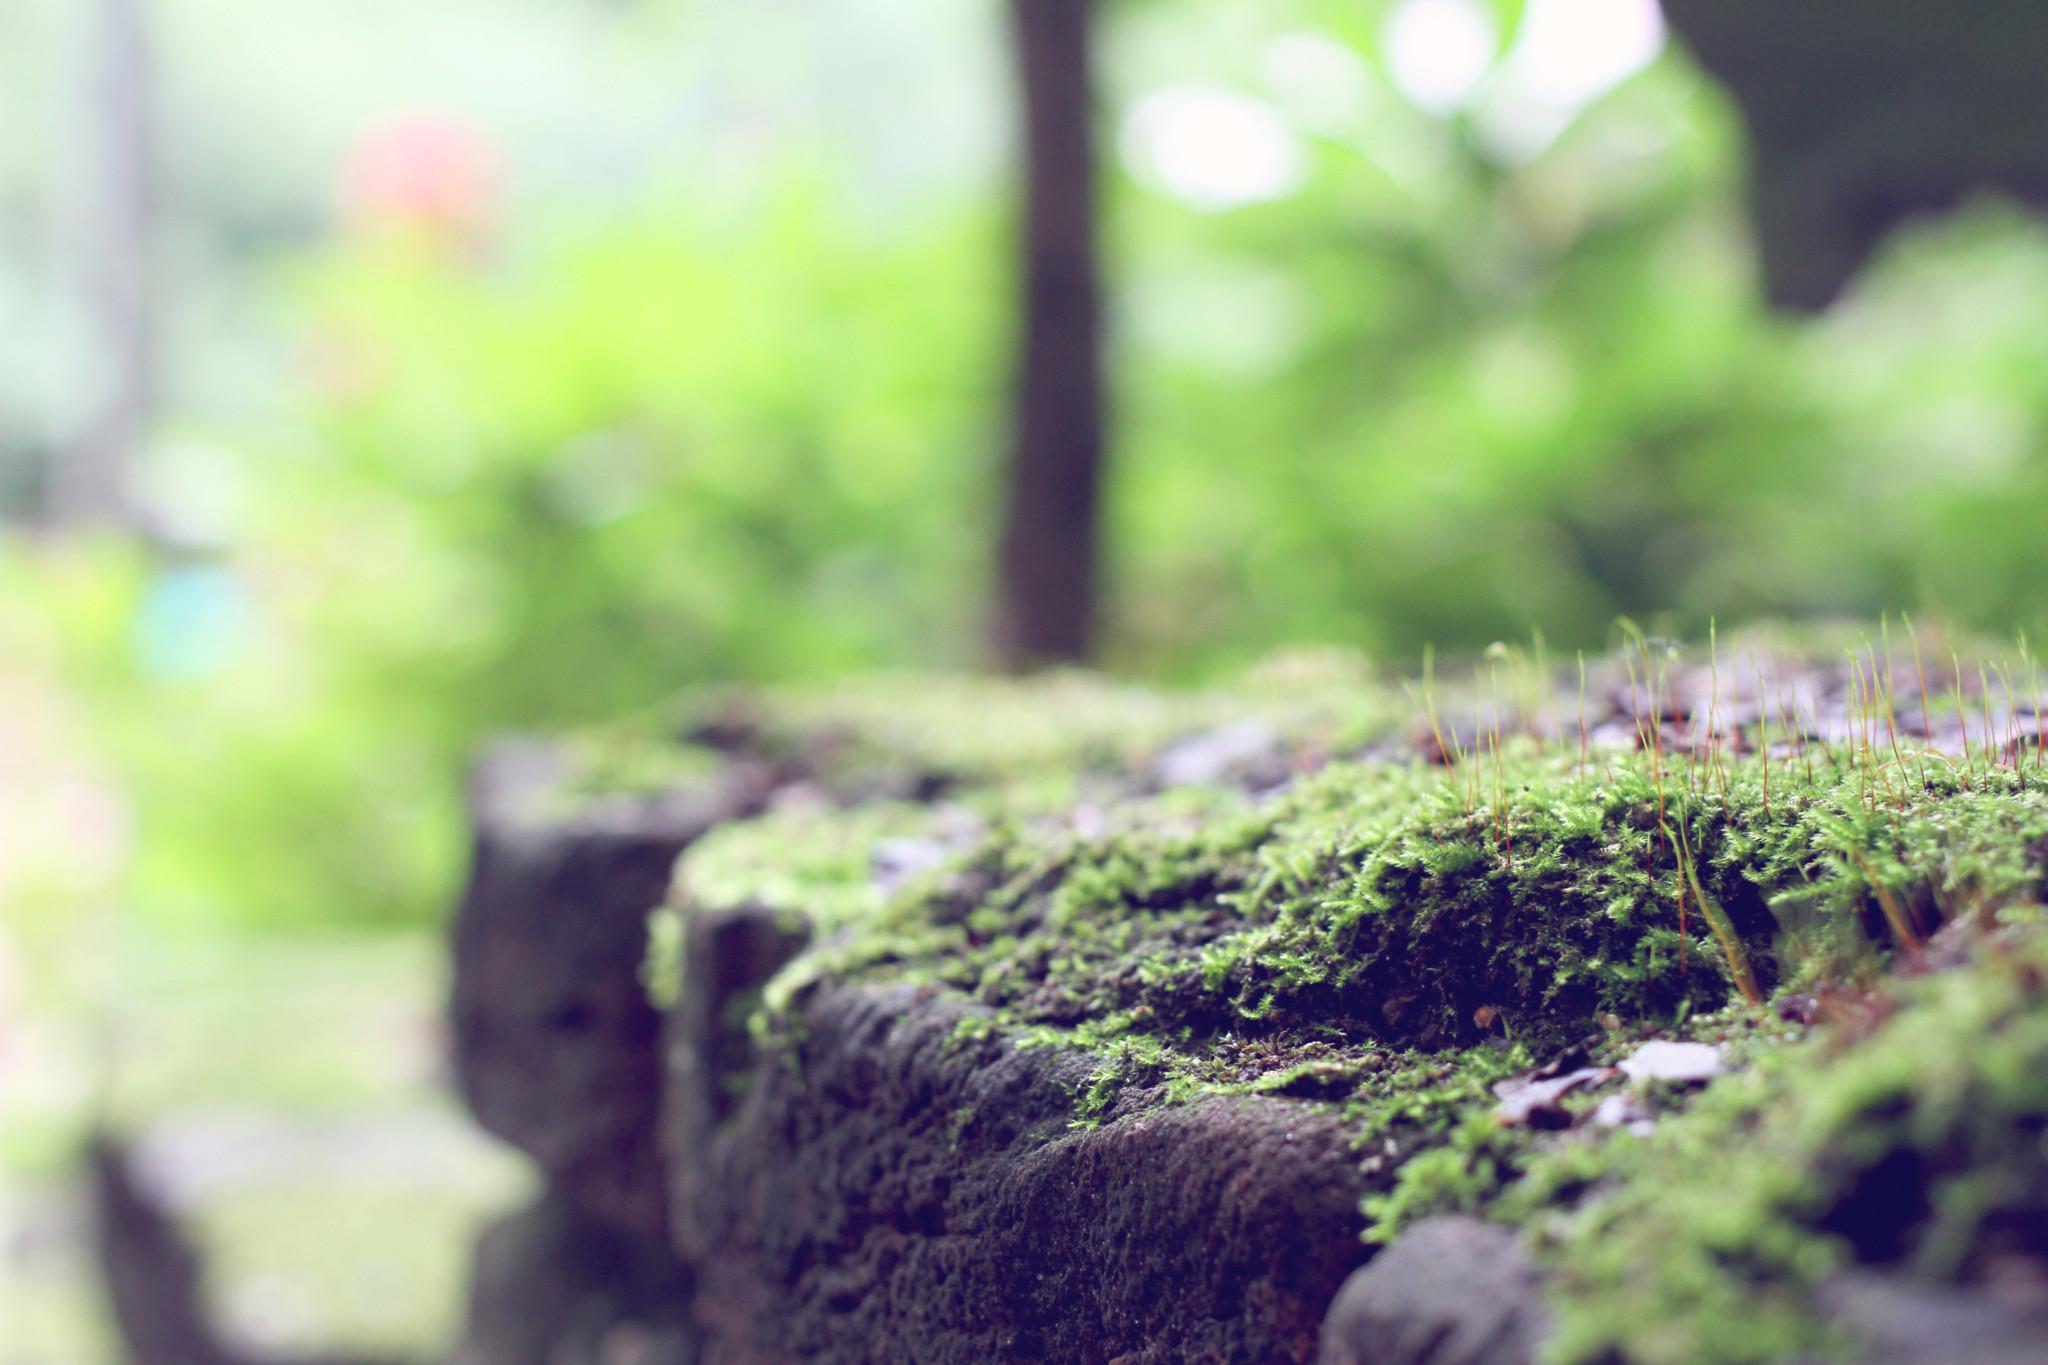 Sfeerfoto's-sfeerfotografie-suus-fotosjop